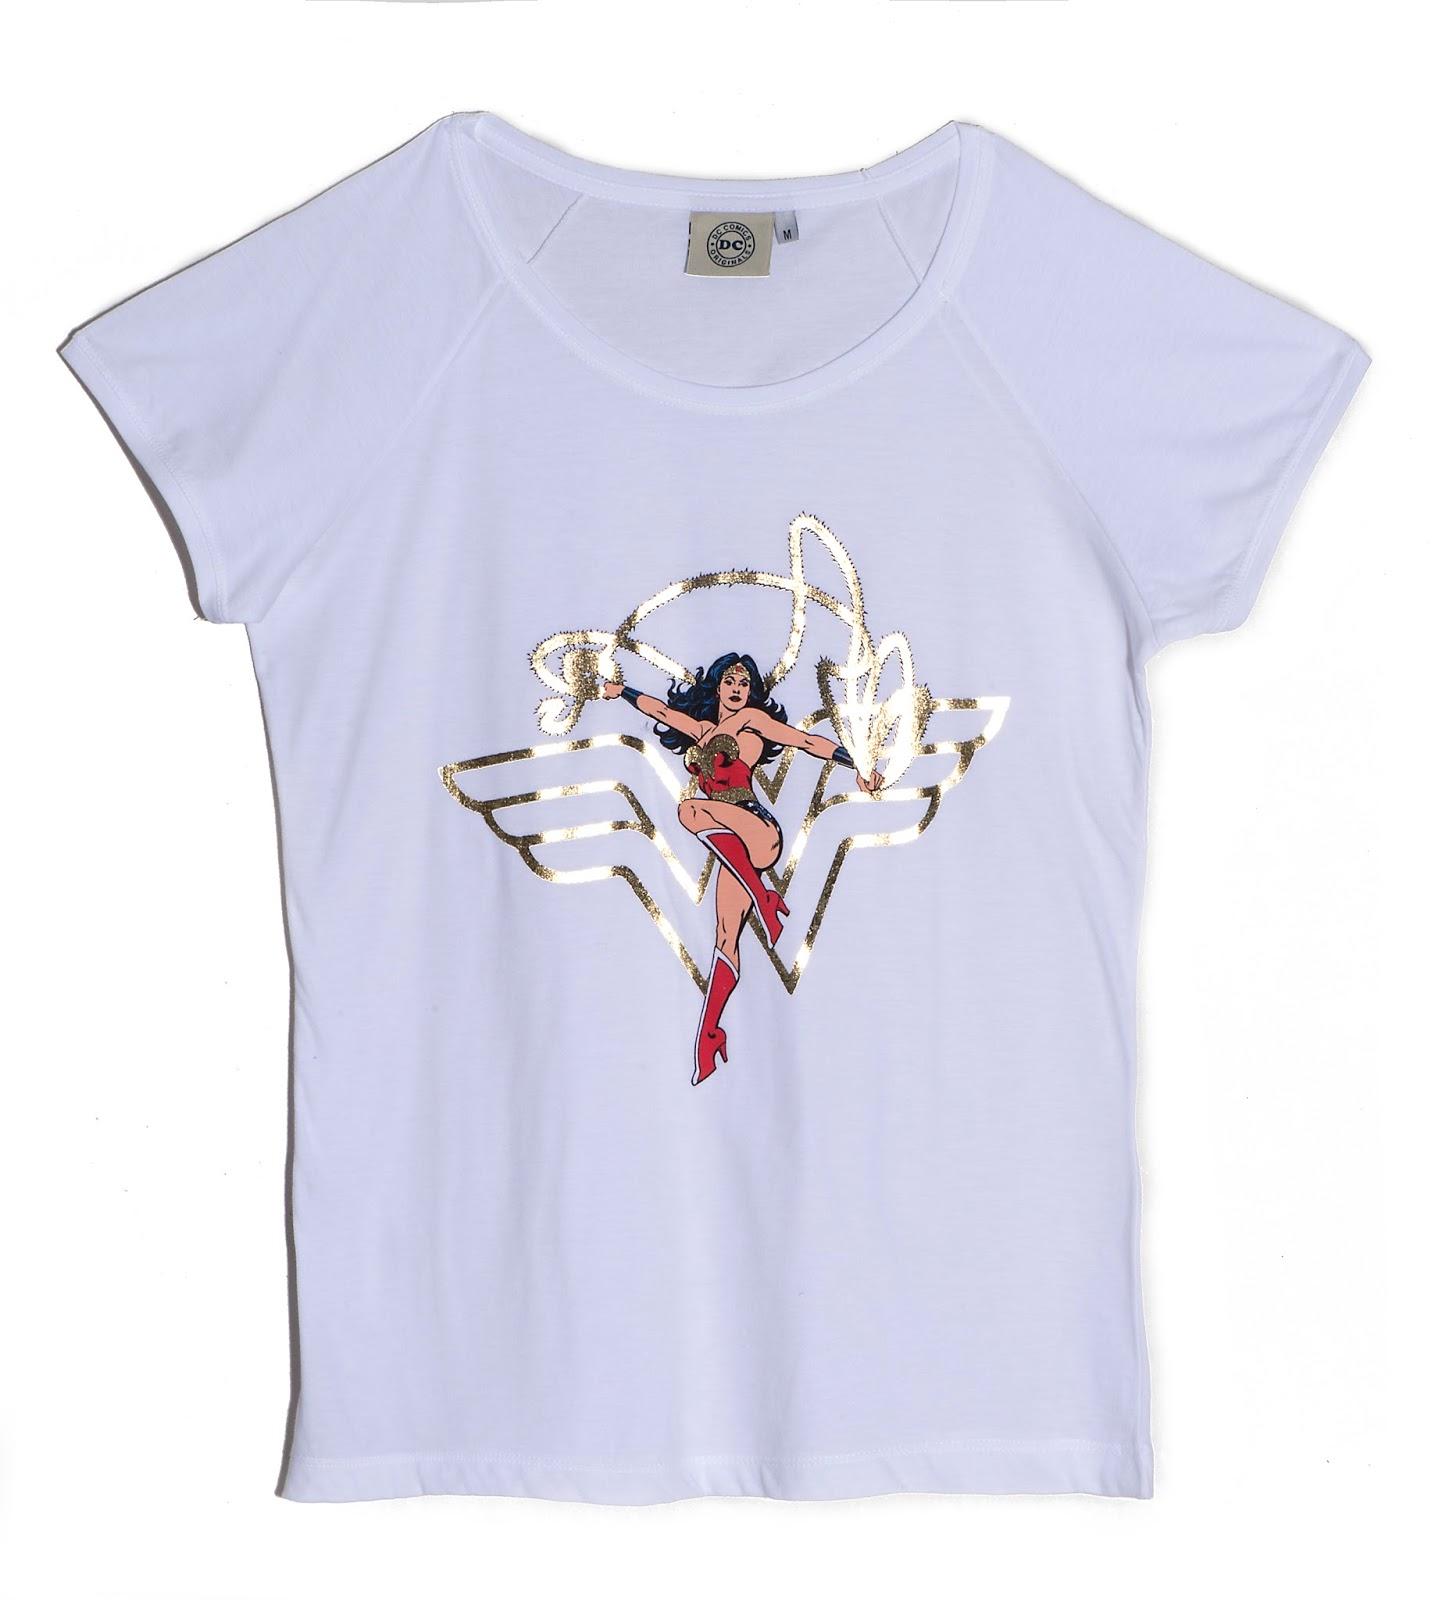 9444c1f630 Glamour e Felicidade  Moda  Riachuelo sugere camisetas da Mulher-Maravilha  para o Carnaval